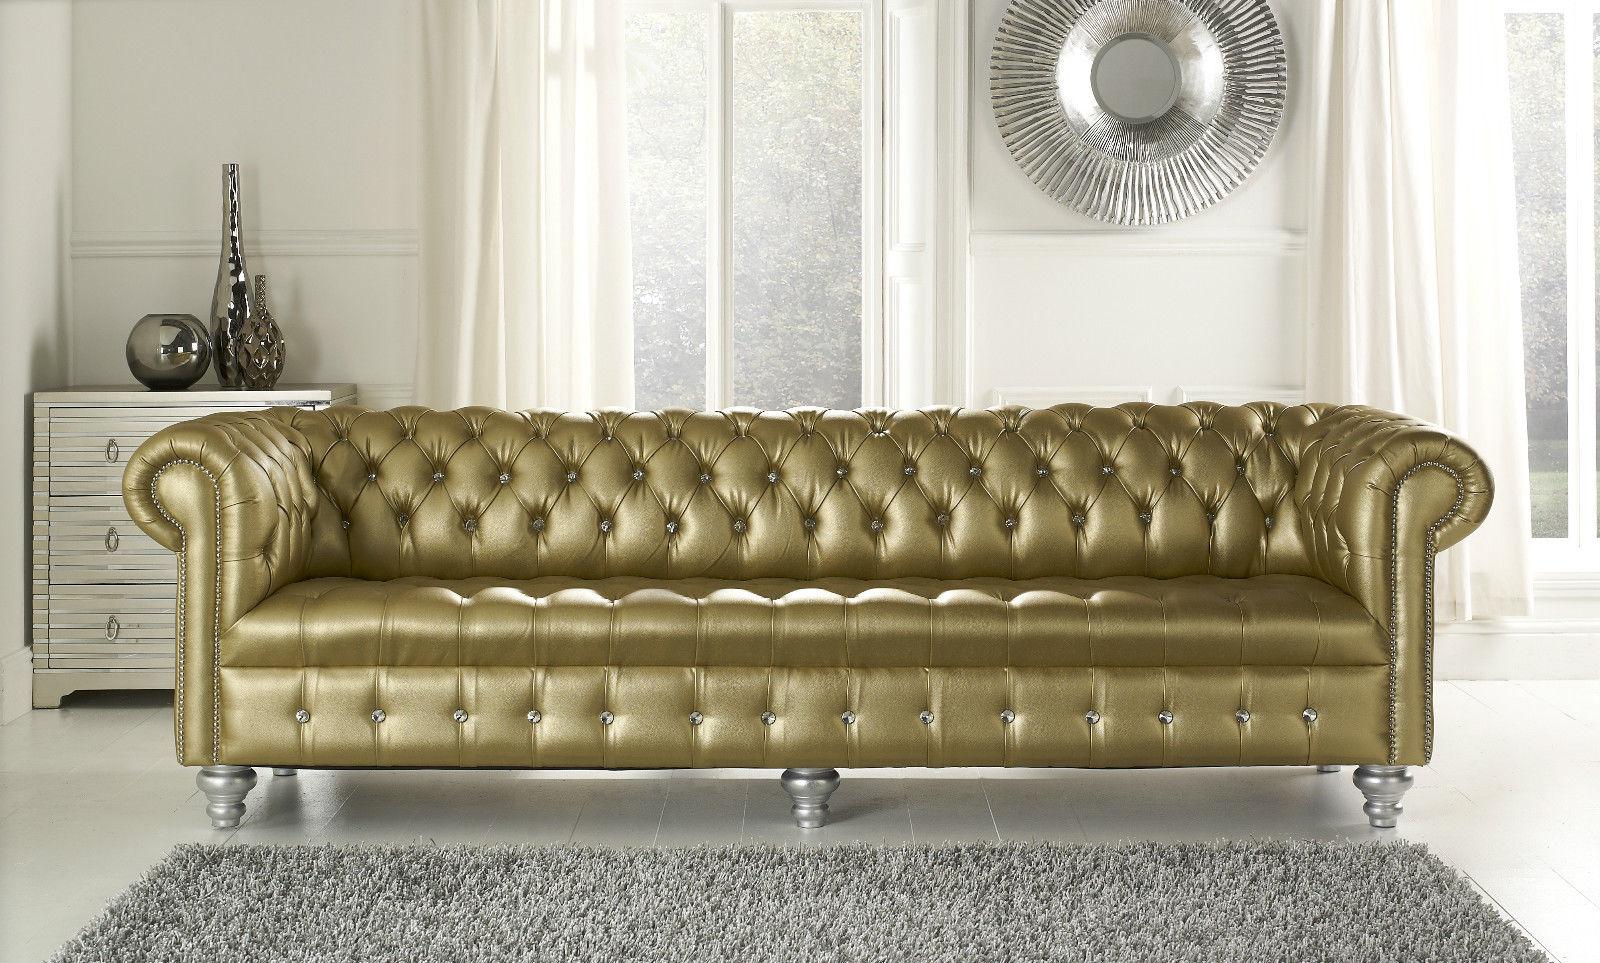 Luxus ledercouch  Chesterfield Sofas und Ledersofas Constance Designersofa bei JV Möbel